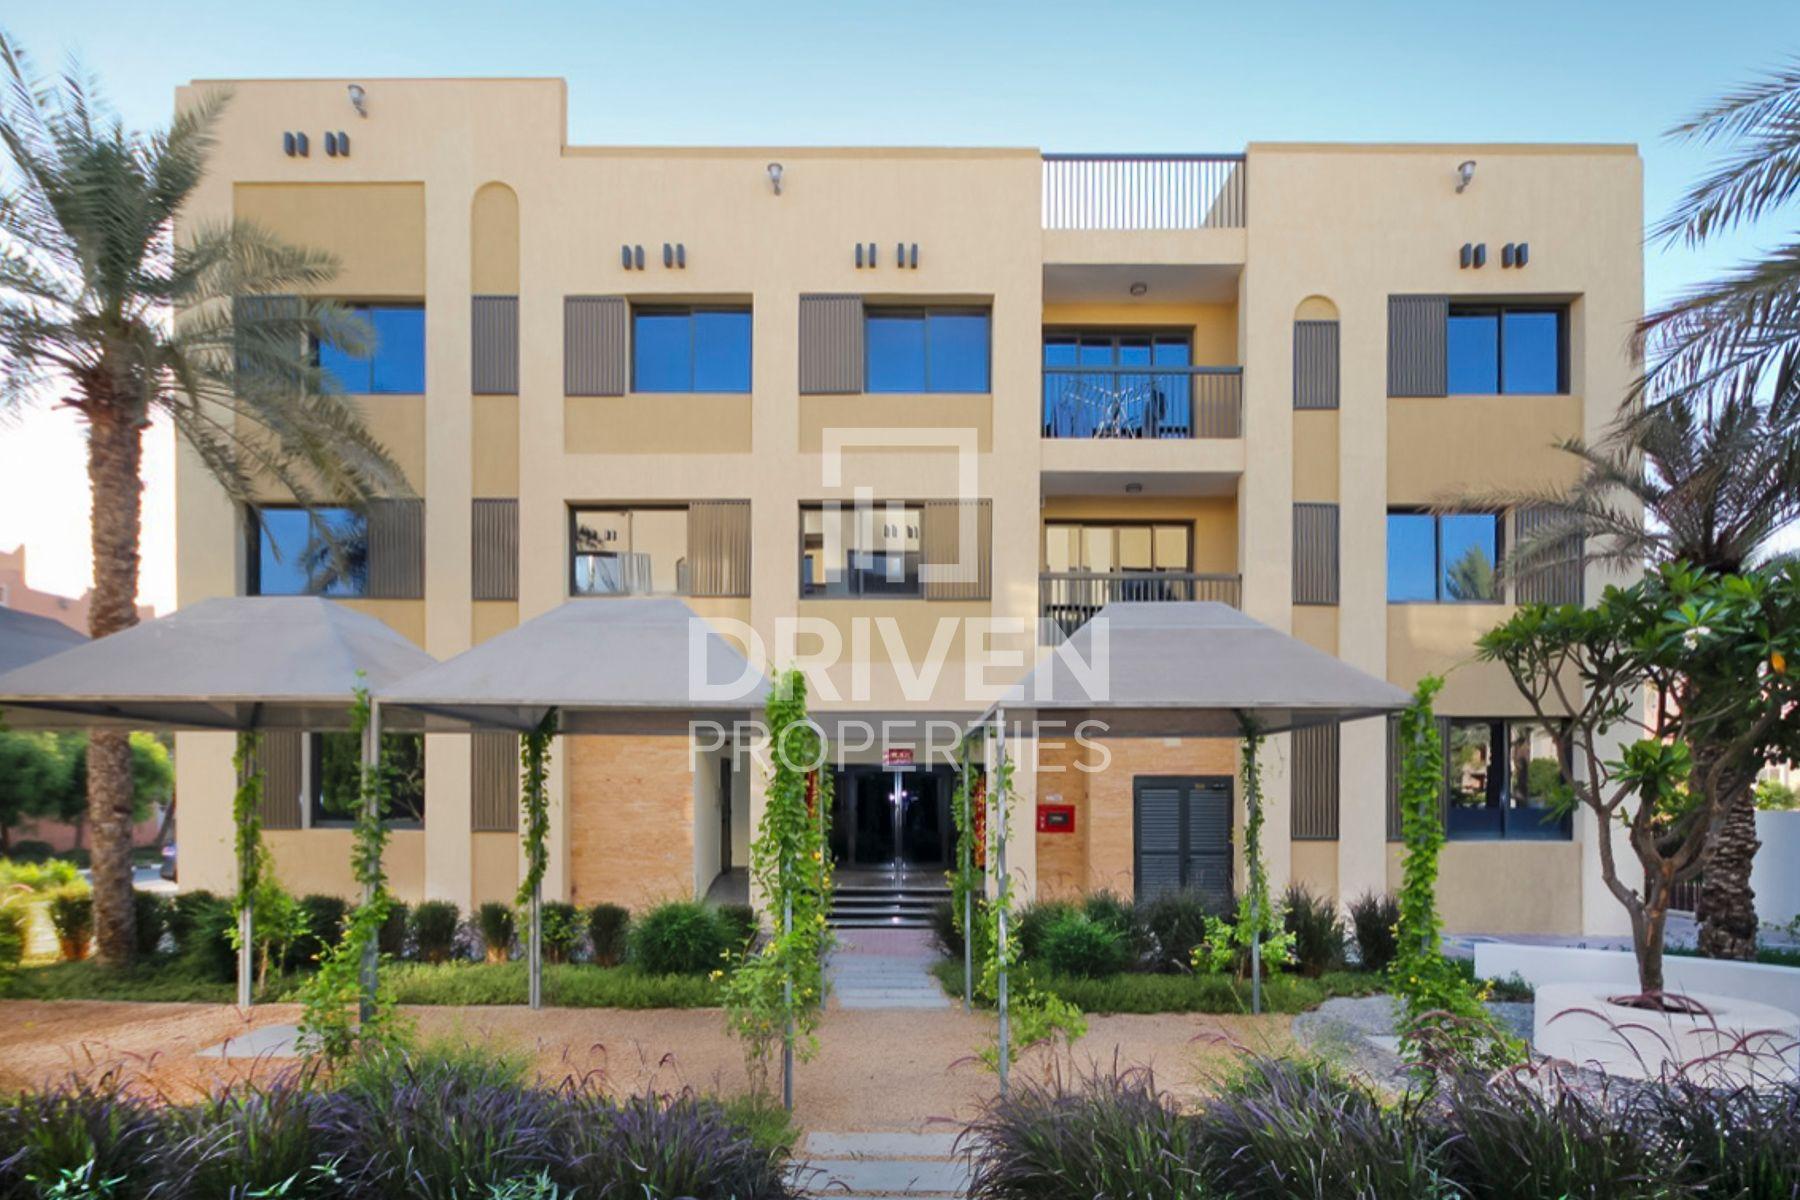 17,049 قدم مربع  مبنى سكني - للبيع - مجمع دبي للإستثمار